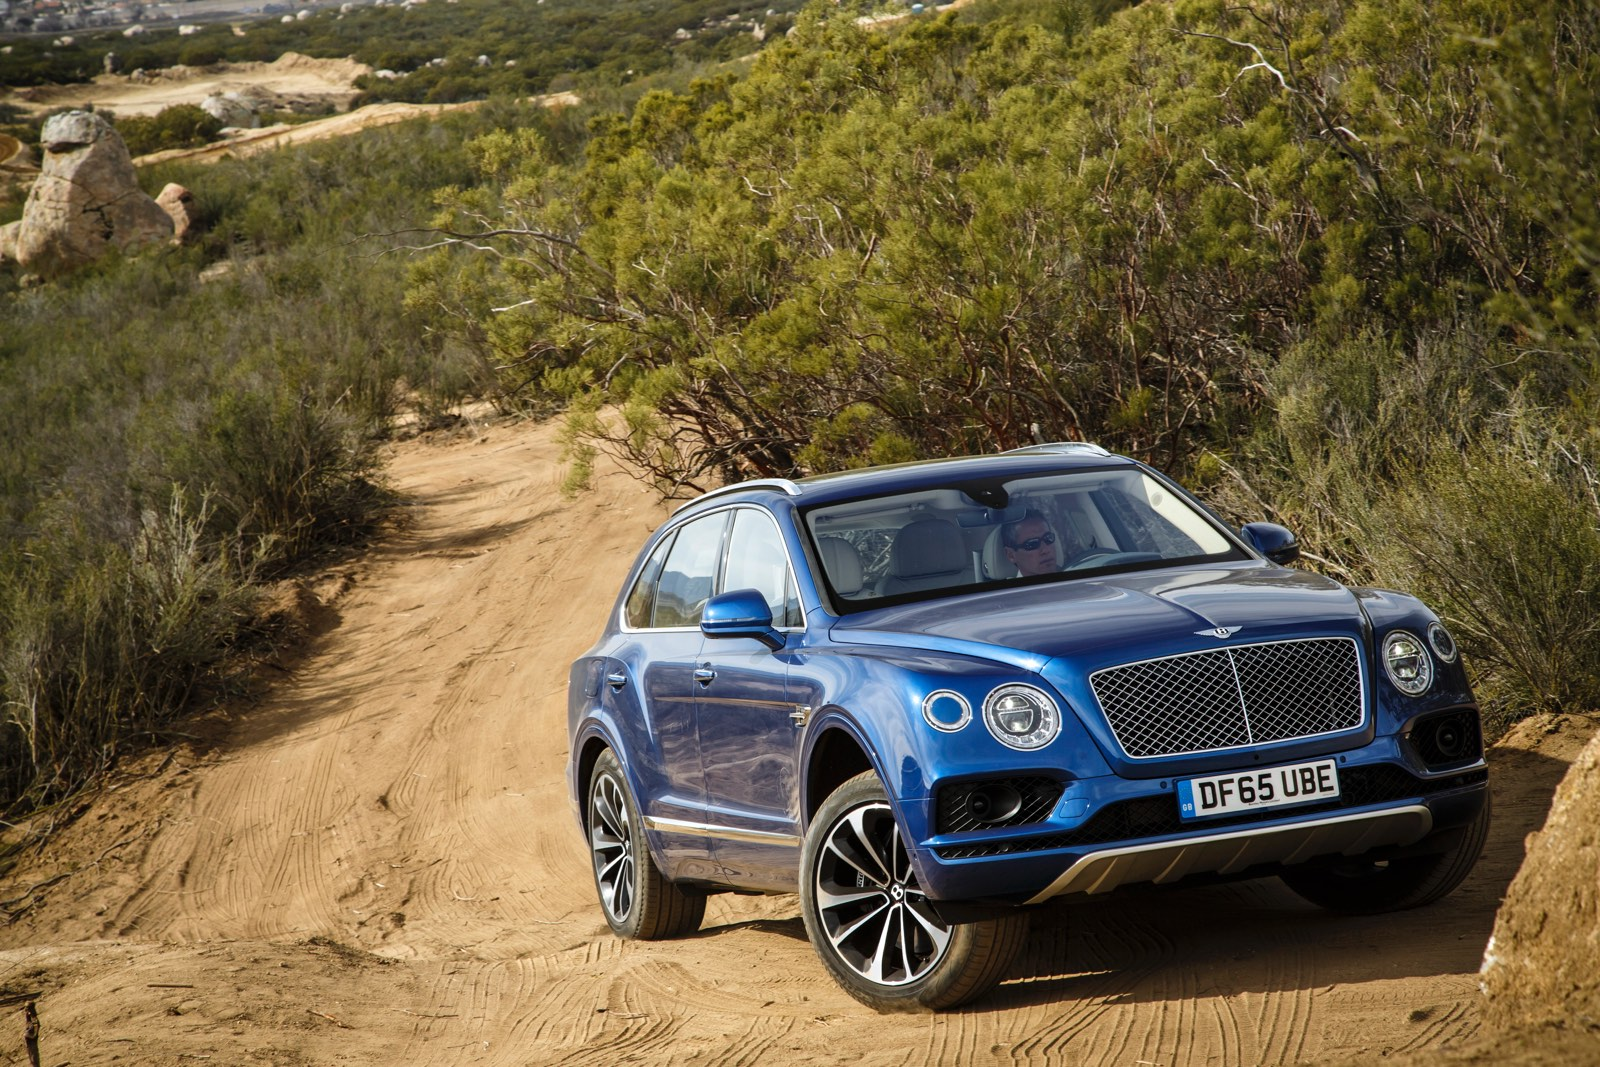 Sequin Blue Bentley Bentayga Off Road